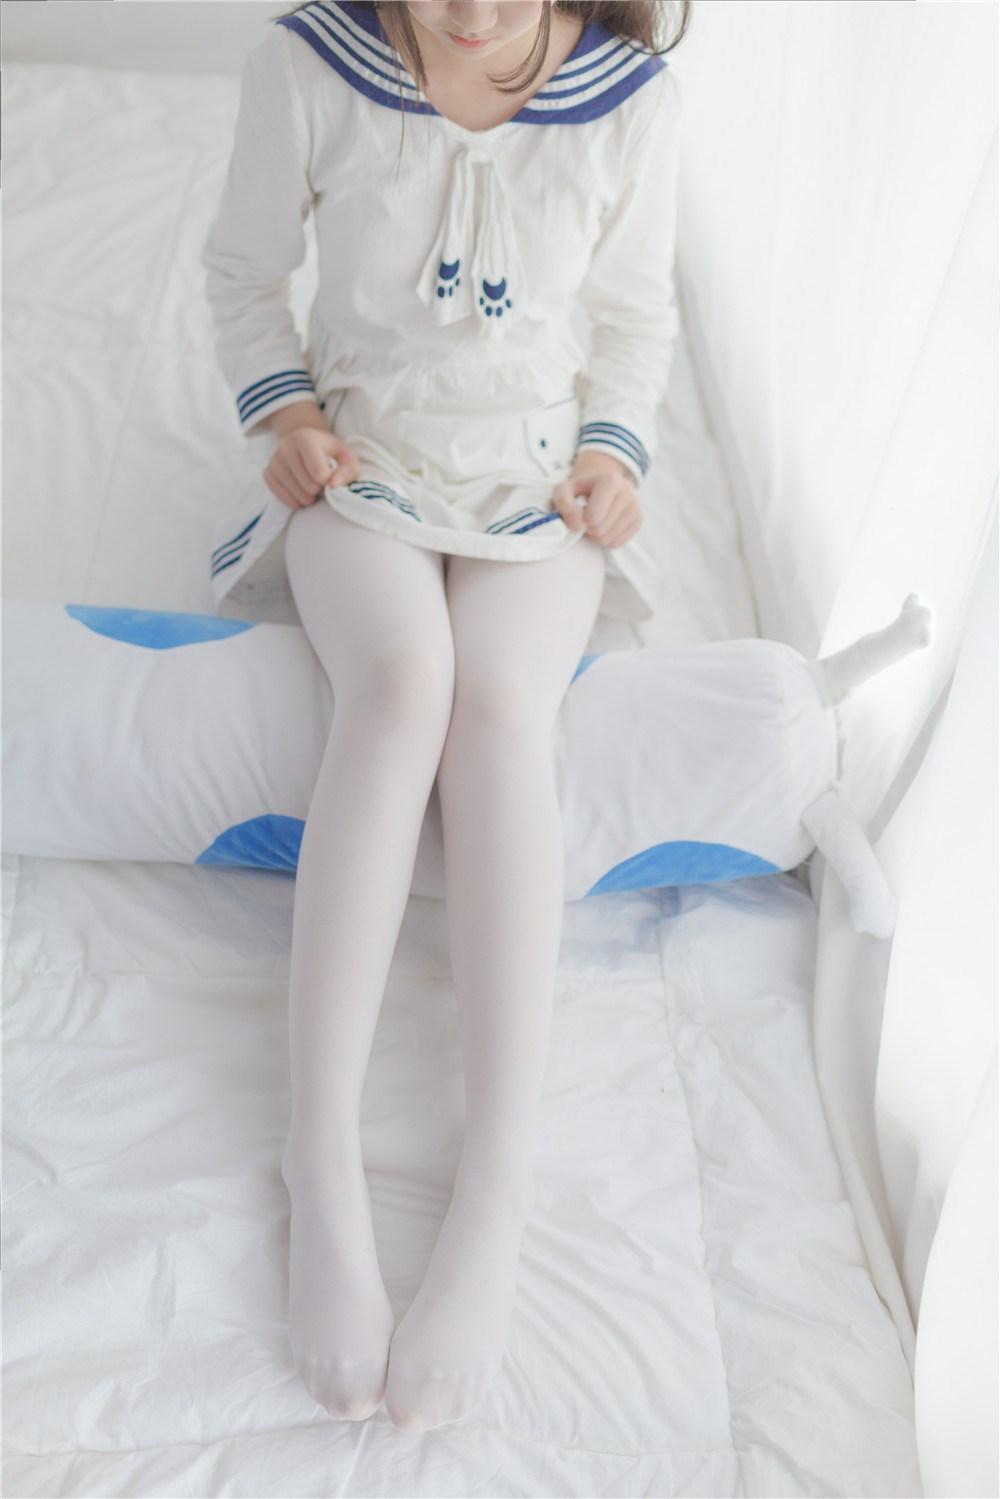 【兔玩映画】白丝!萝莉! 兔玩映画 第19张